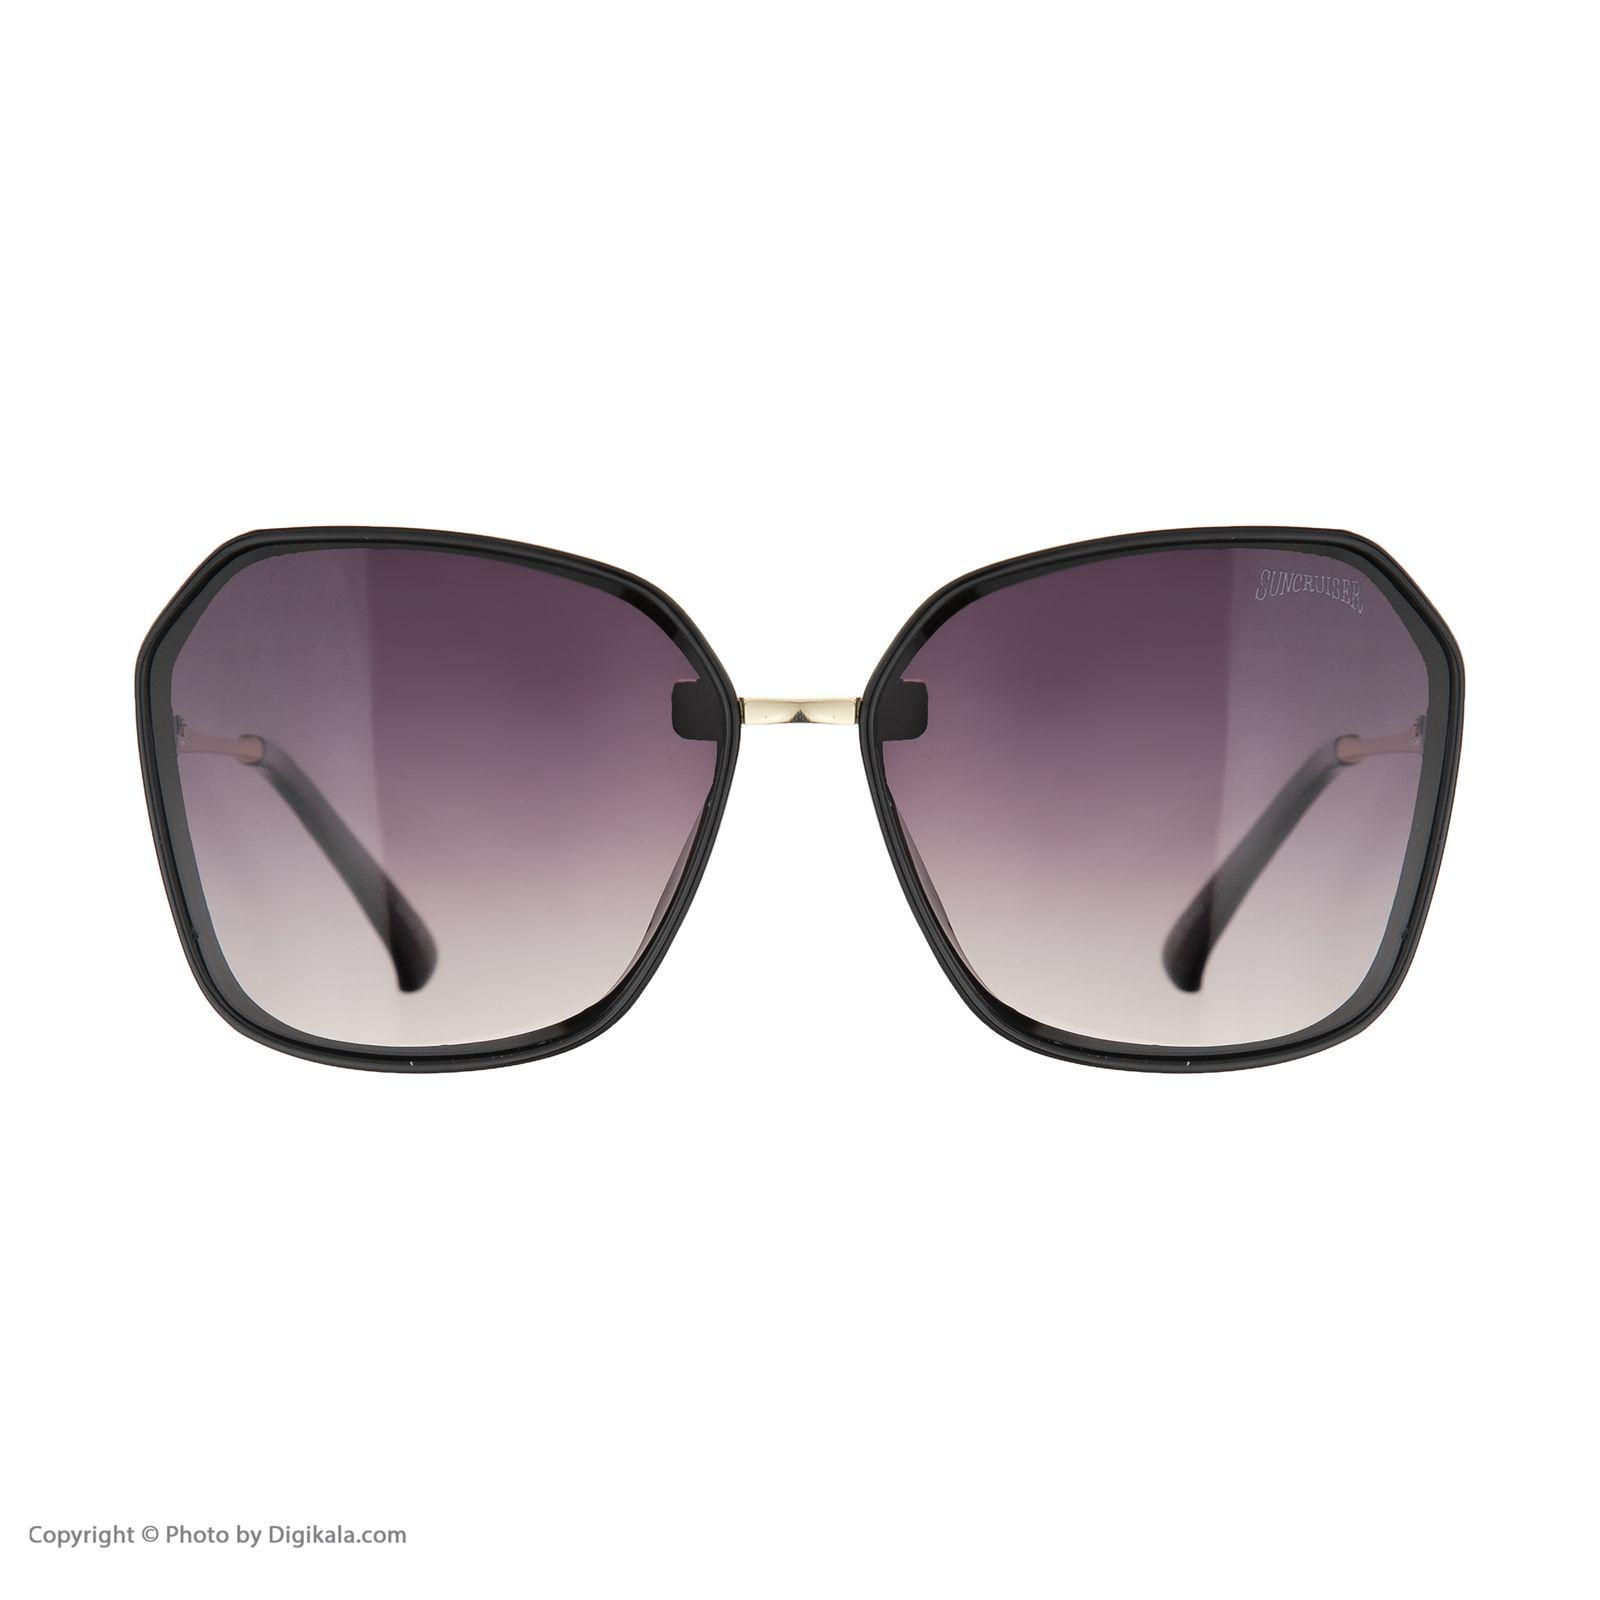 عینک آفتابی زنانه سانکروزر مدل 6002 -  - 3